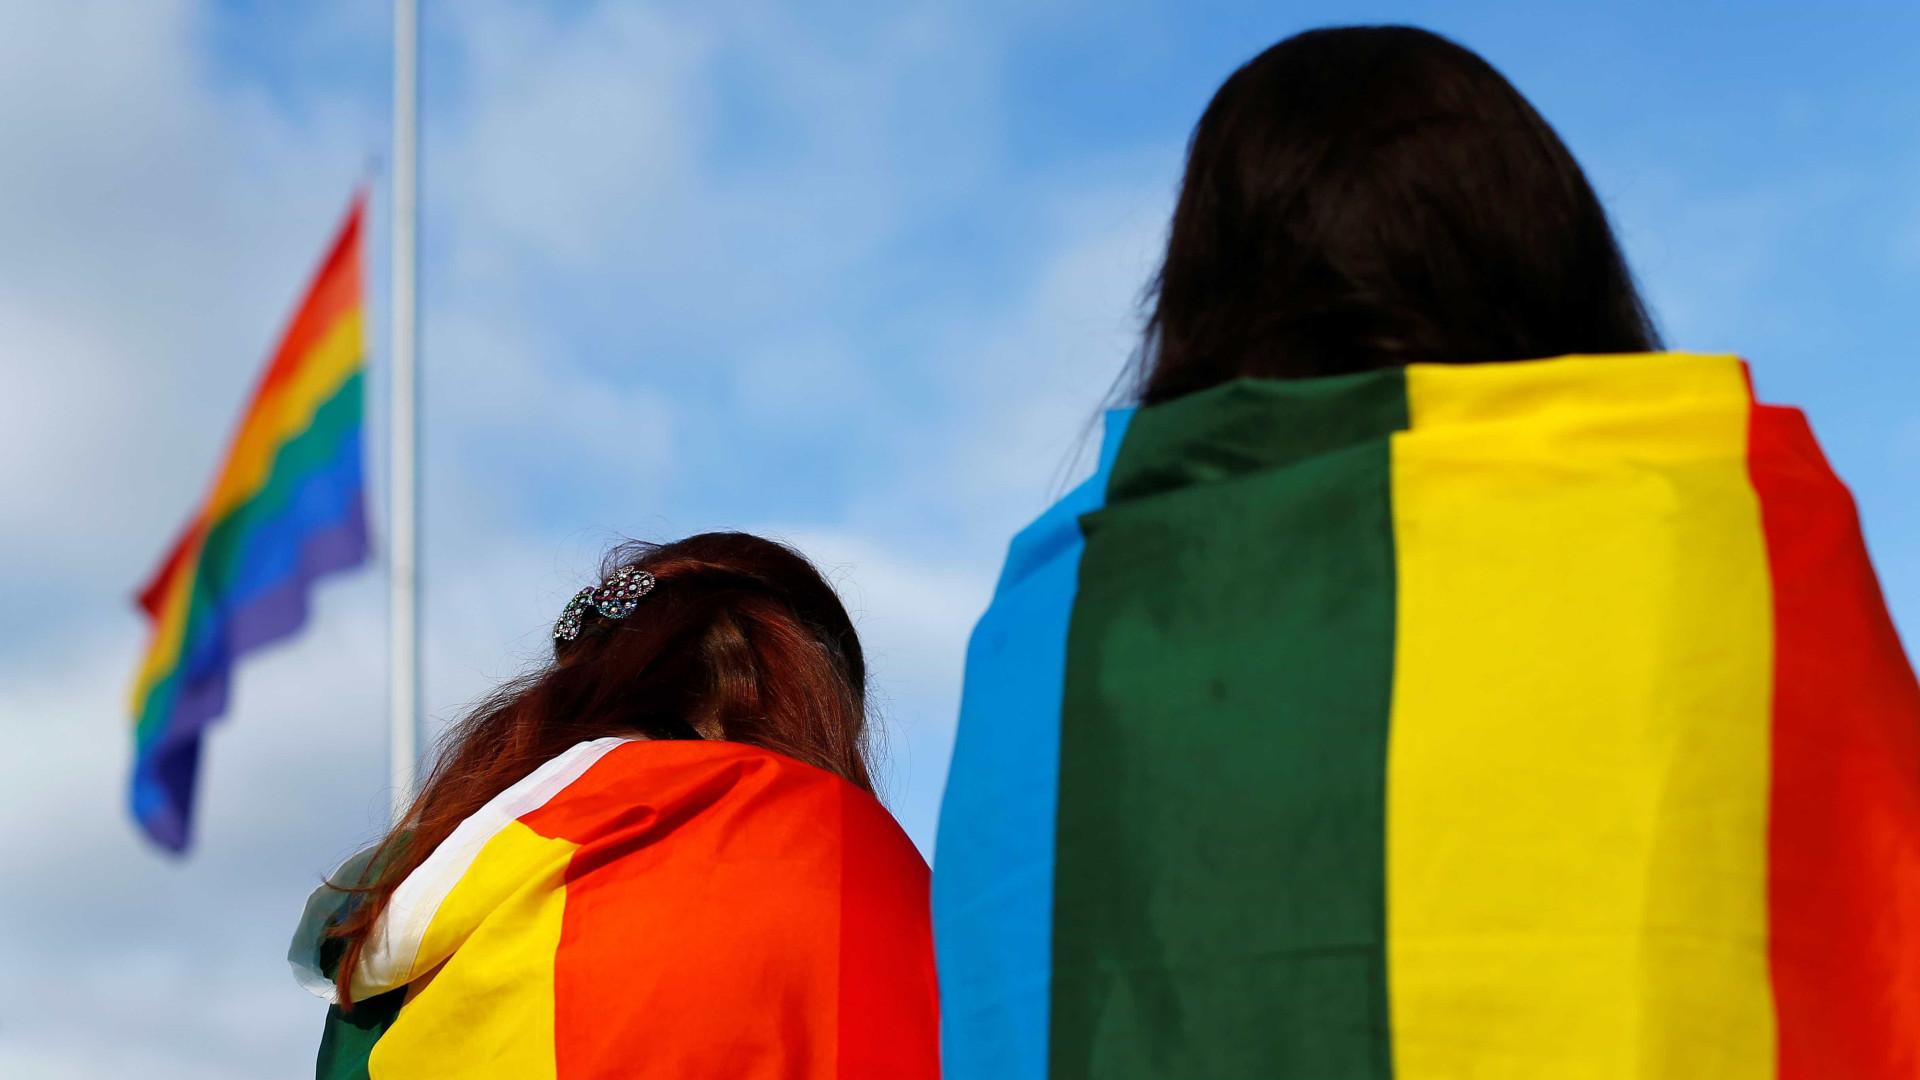 Escola pede desculpas a professora com crenças homofóbicas